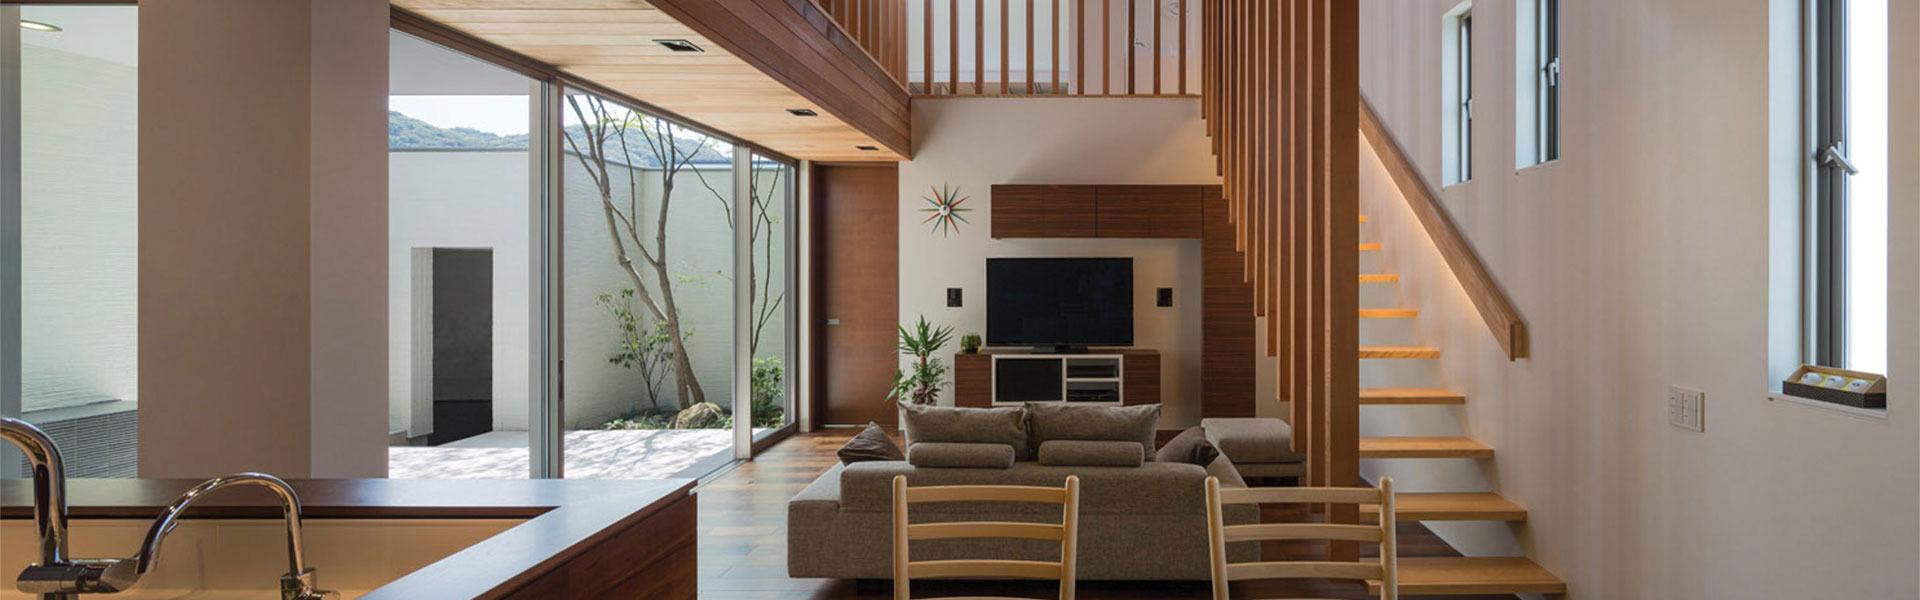 Concepts et cr ations mobilier bois sur mesures al s for Meubles concept avis